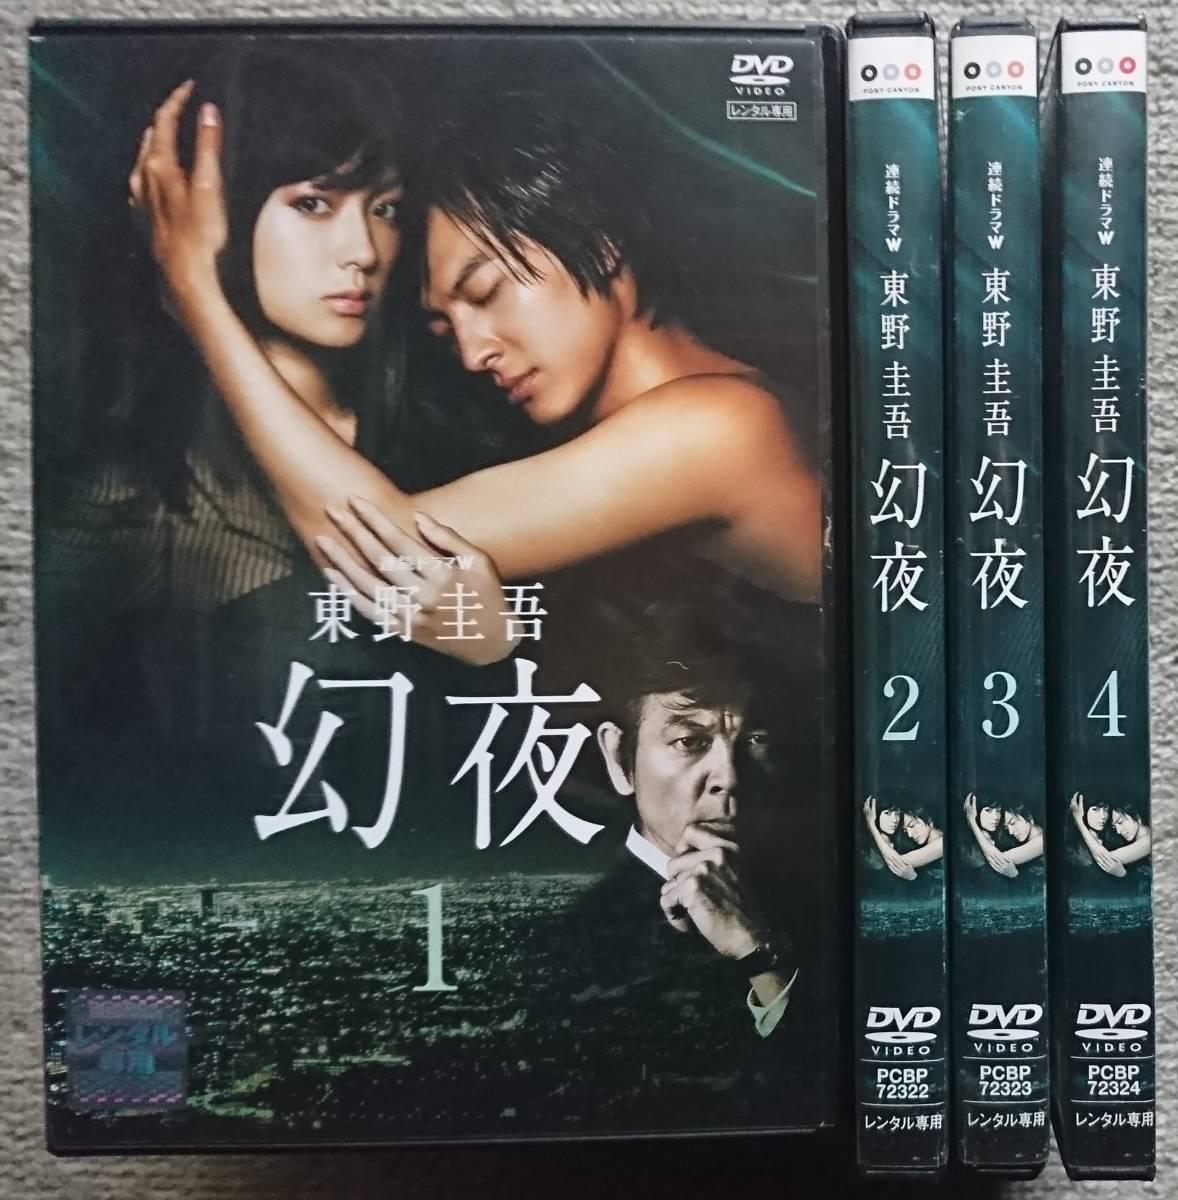 【レンタル版DVD】東野圭吾 幻夜 全4巻 深田恭子 塚本高史